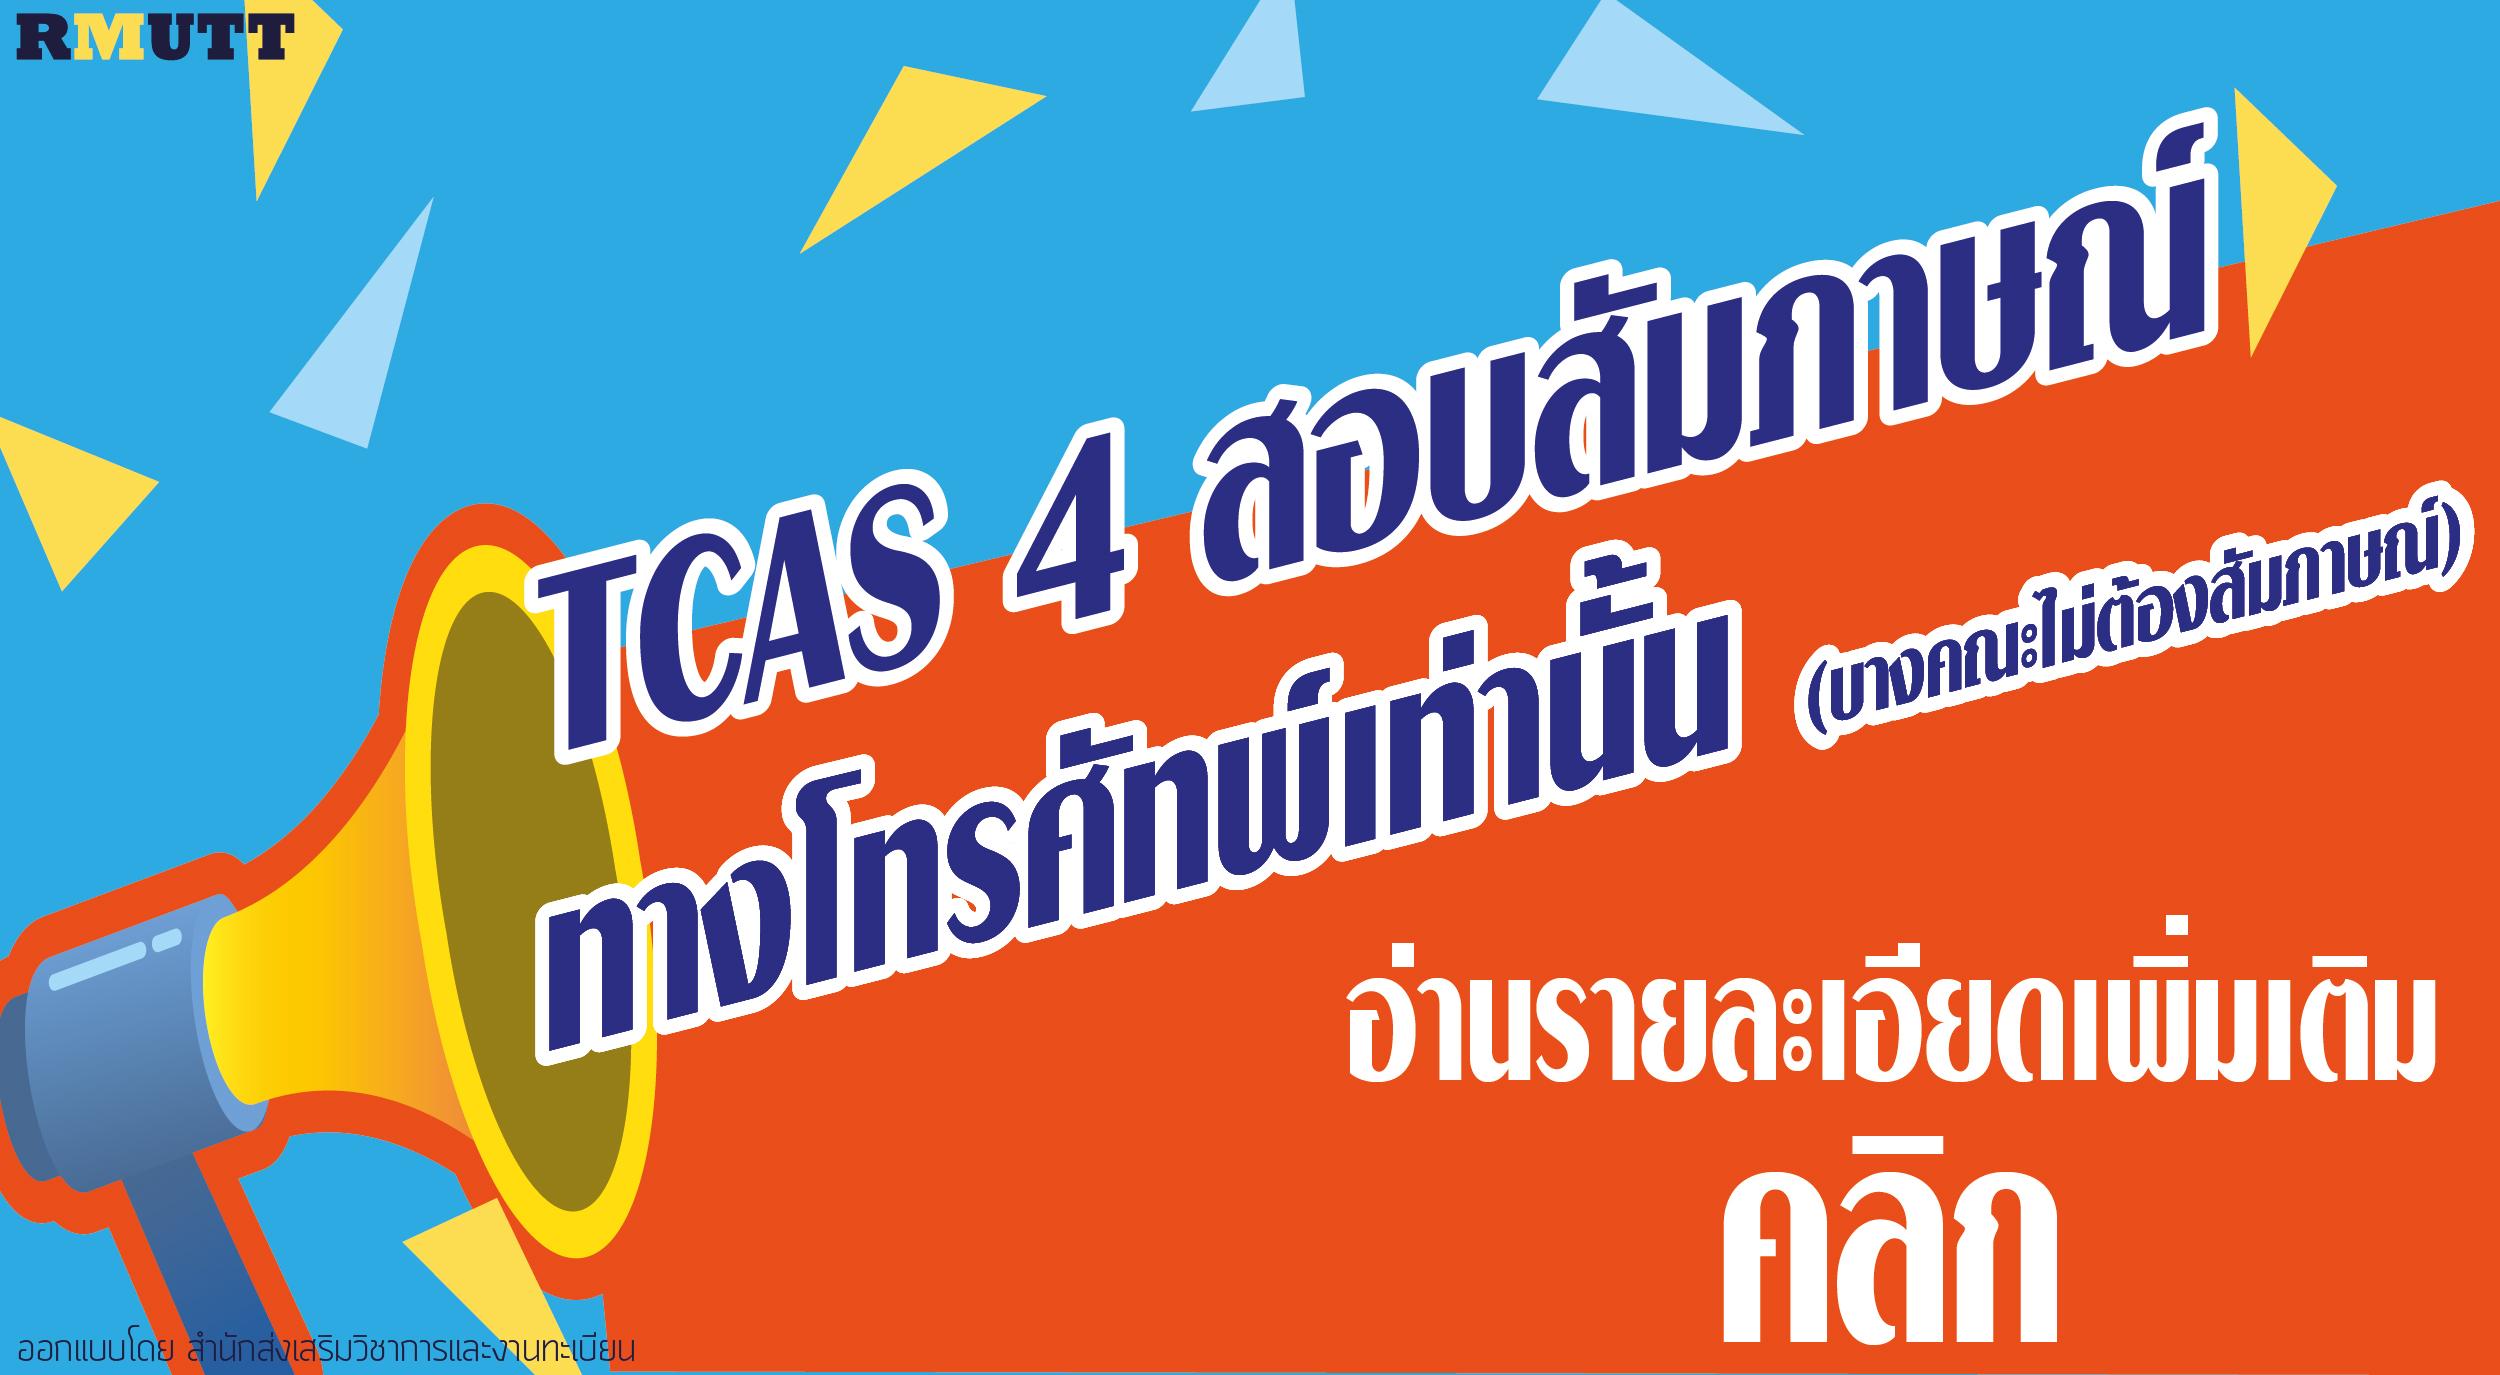 สัมภาษณ์ทางโทรศัพท์-TCAS3-01-1